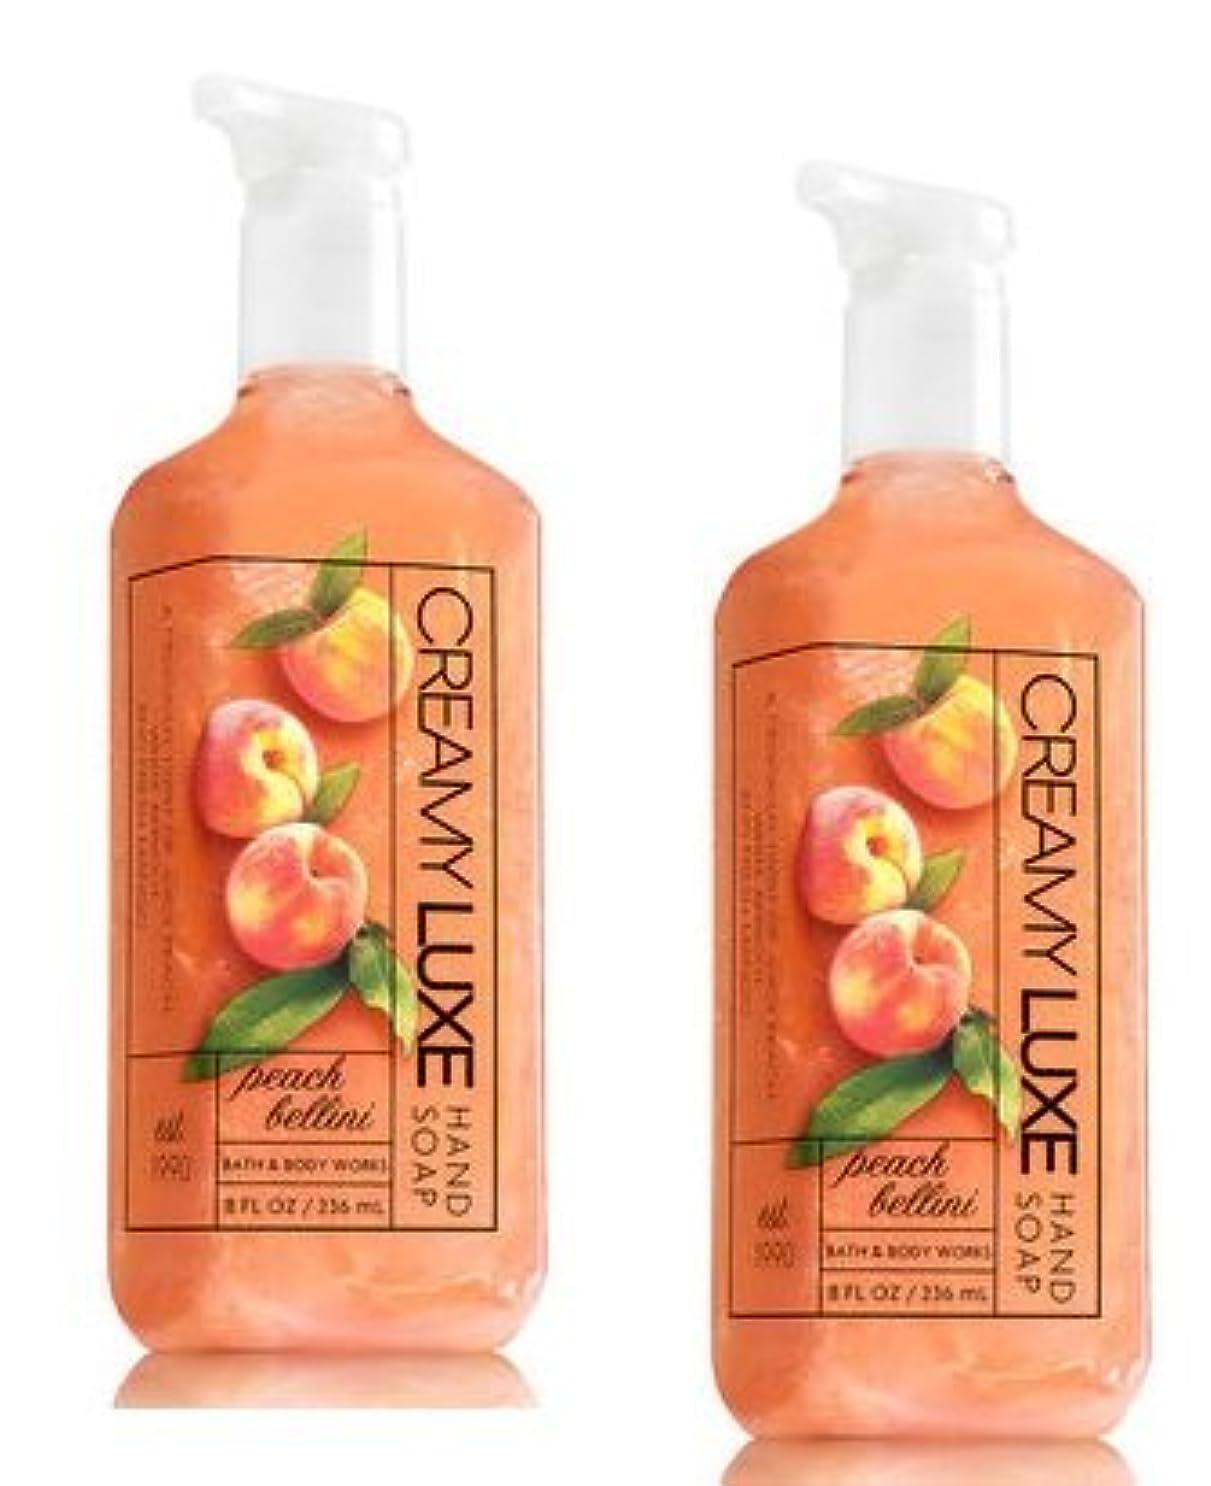 作り顎ベンチャーBath & Body Works ピーチベリーニ クリーミー リュクス ハンドソープ 2本セット PEACH BELLINI Creamy Luxe Hand Soap. 8 oz 236ml [並行輸入品]